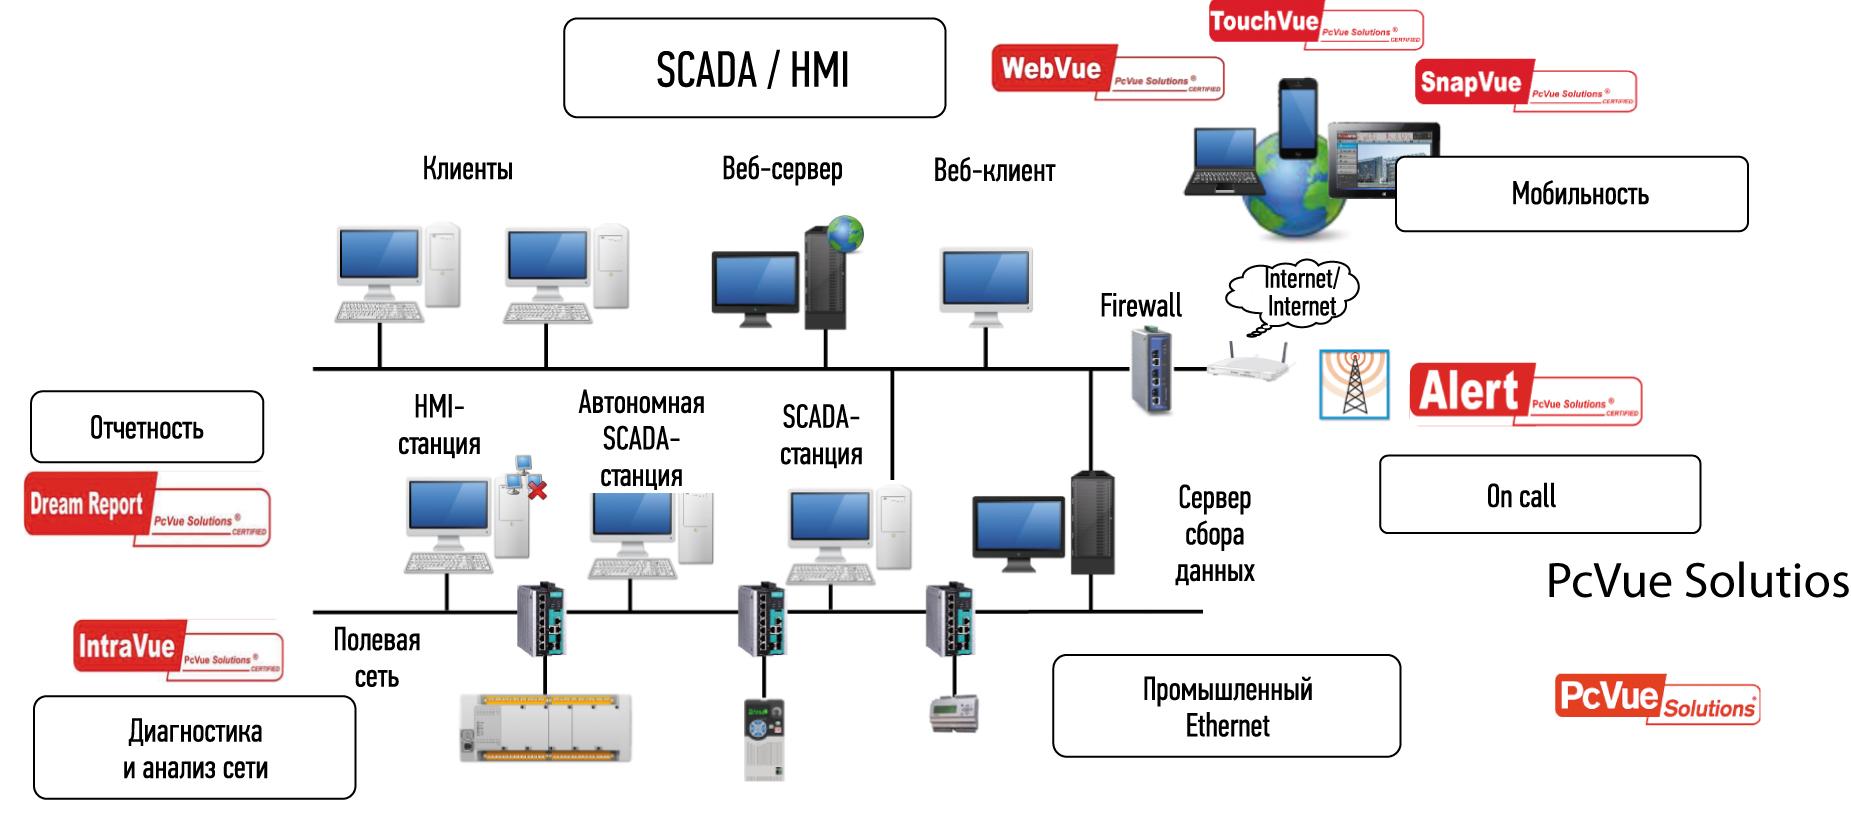 Основные элементы линейки программных продуктов на основе SCADA PcVue 15